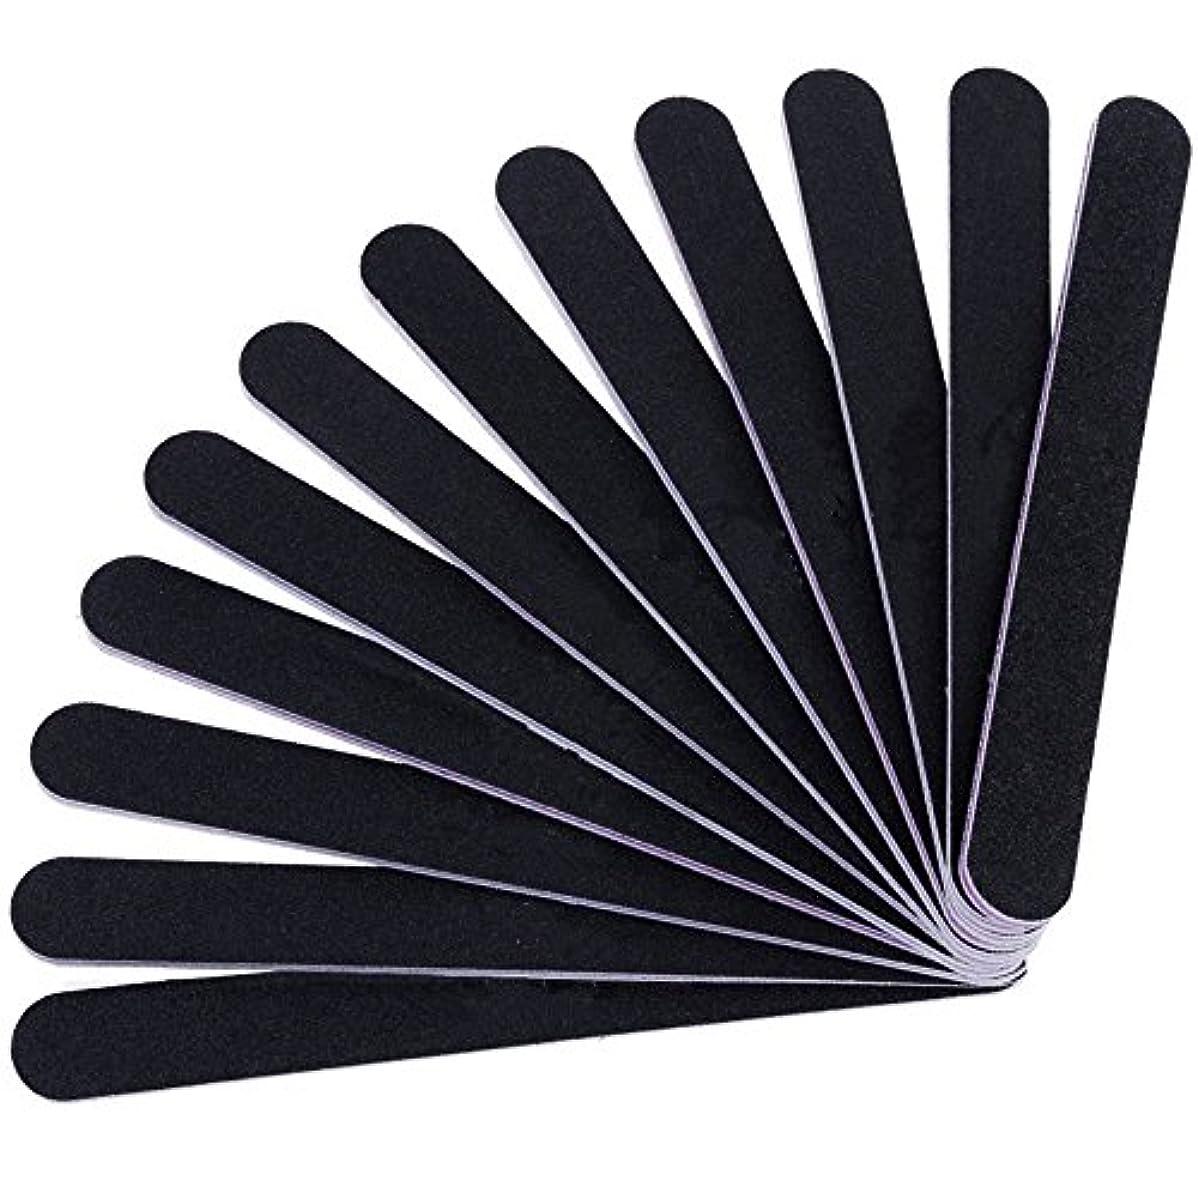 ディンカルビルトン重要性12本セット ネイルファイル ZILONG 爪磨き 爪やすり 両面タイプのエメリーボード 100/180グリット ネイルやすり お手入れ ブラック